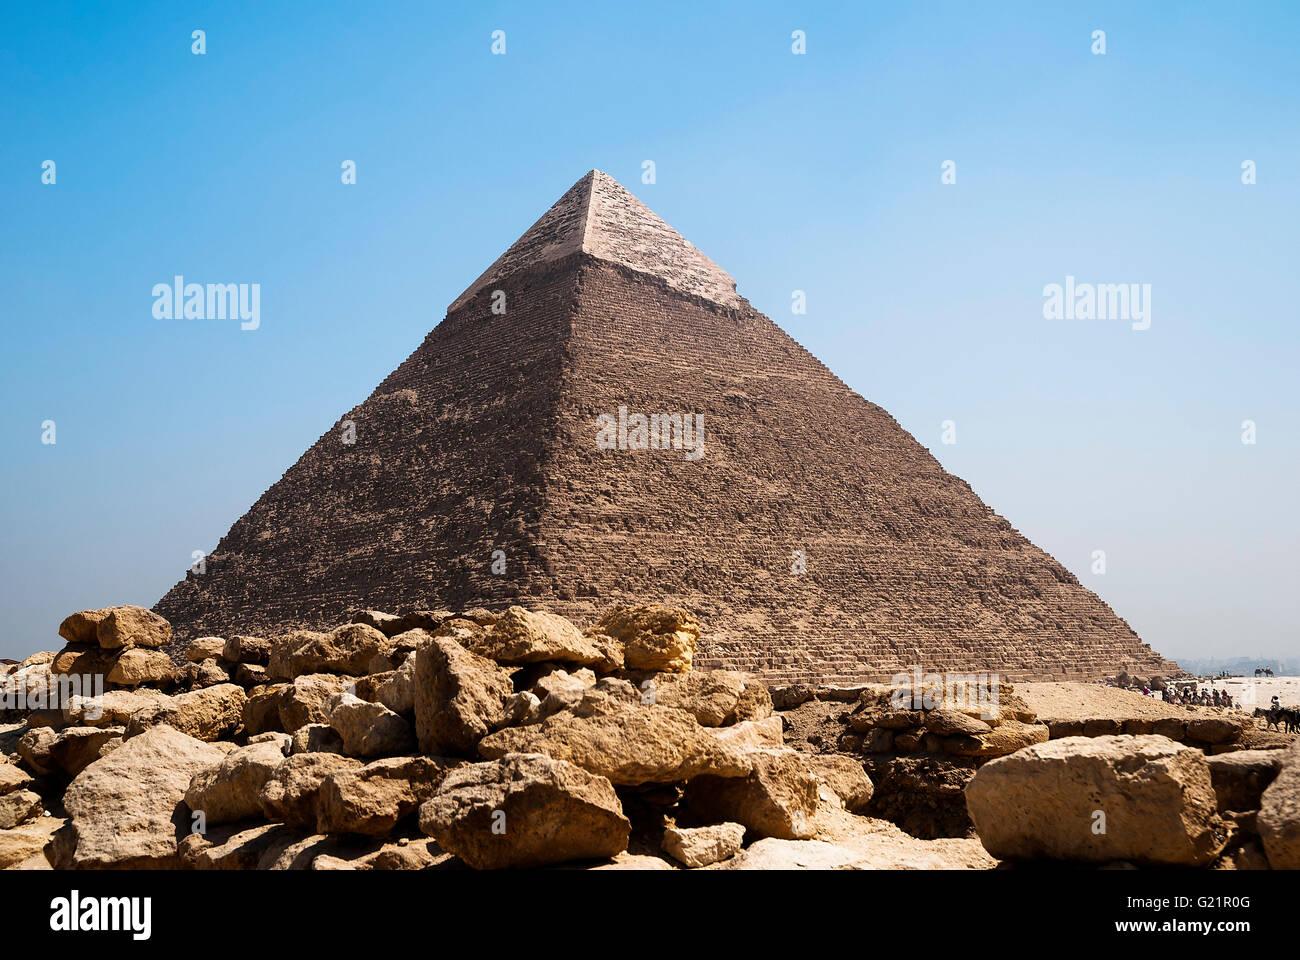 Imagen de las grandes pirámides de Giza, en Egipto Imagen De Stock